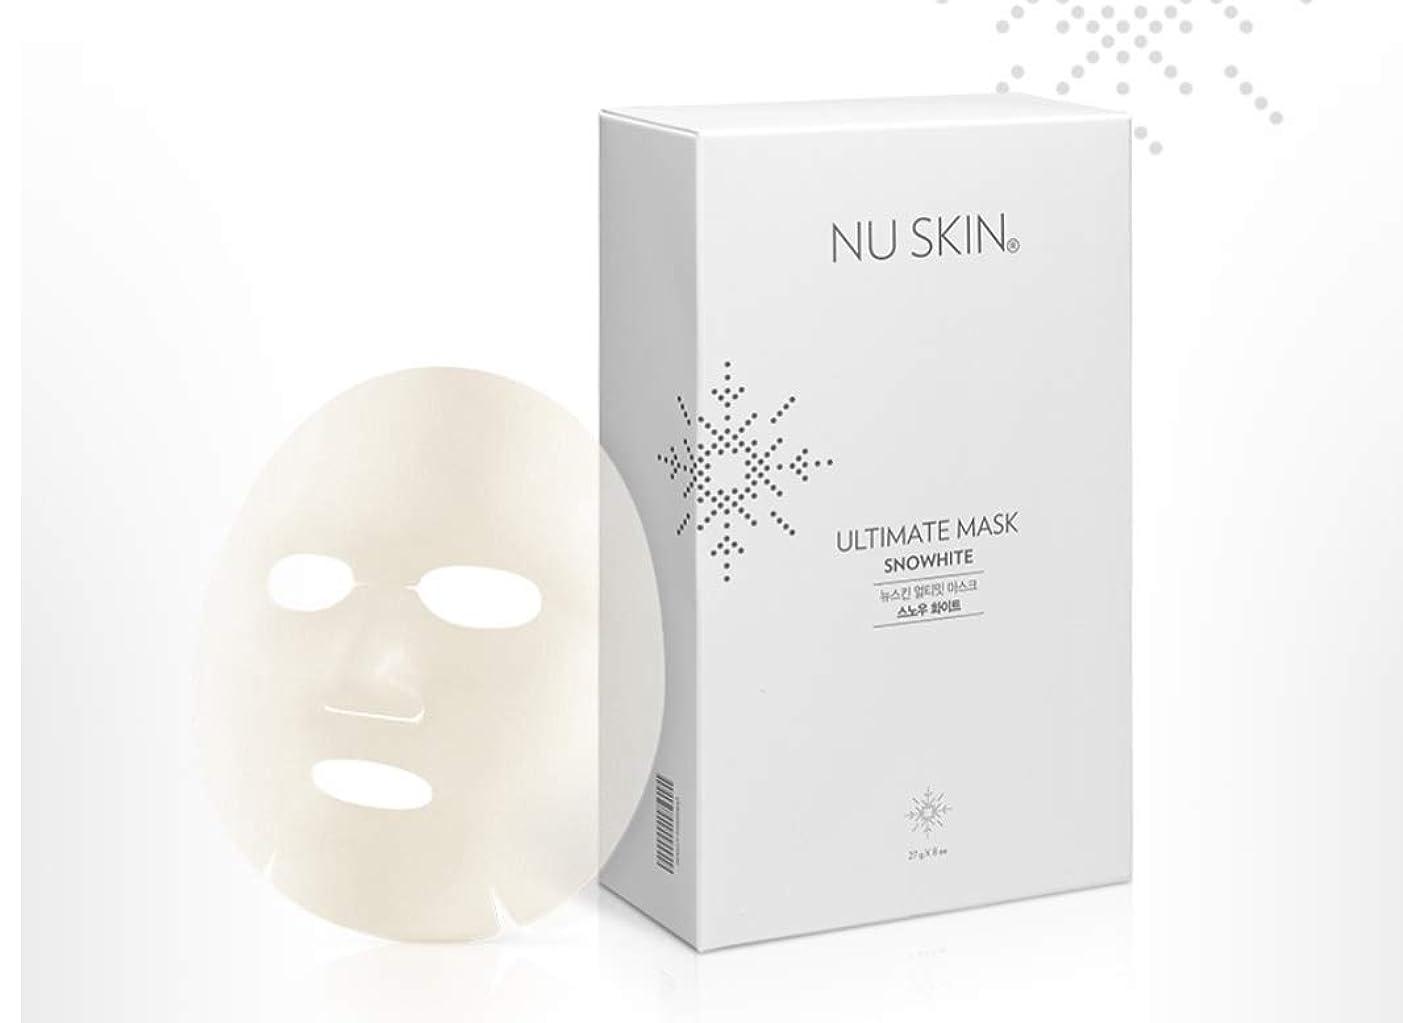 服更新する疎外するニュースキン NU SKIN ULTIMATE MASK SNOWHITE 6+2 タンパク質コーティング竹シート(海外直送品)